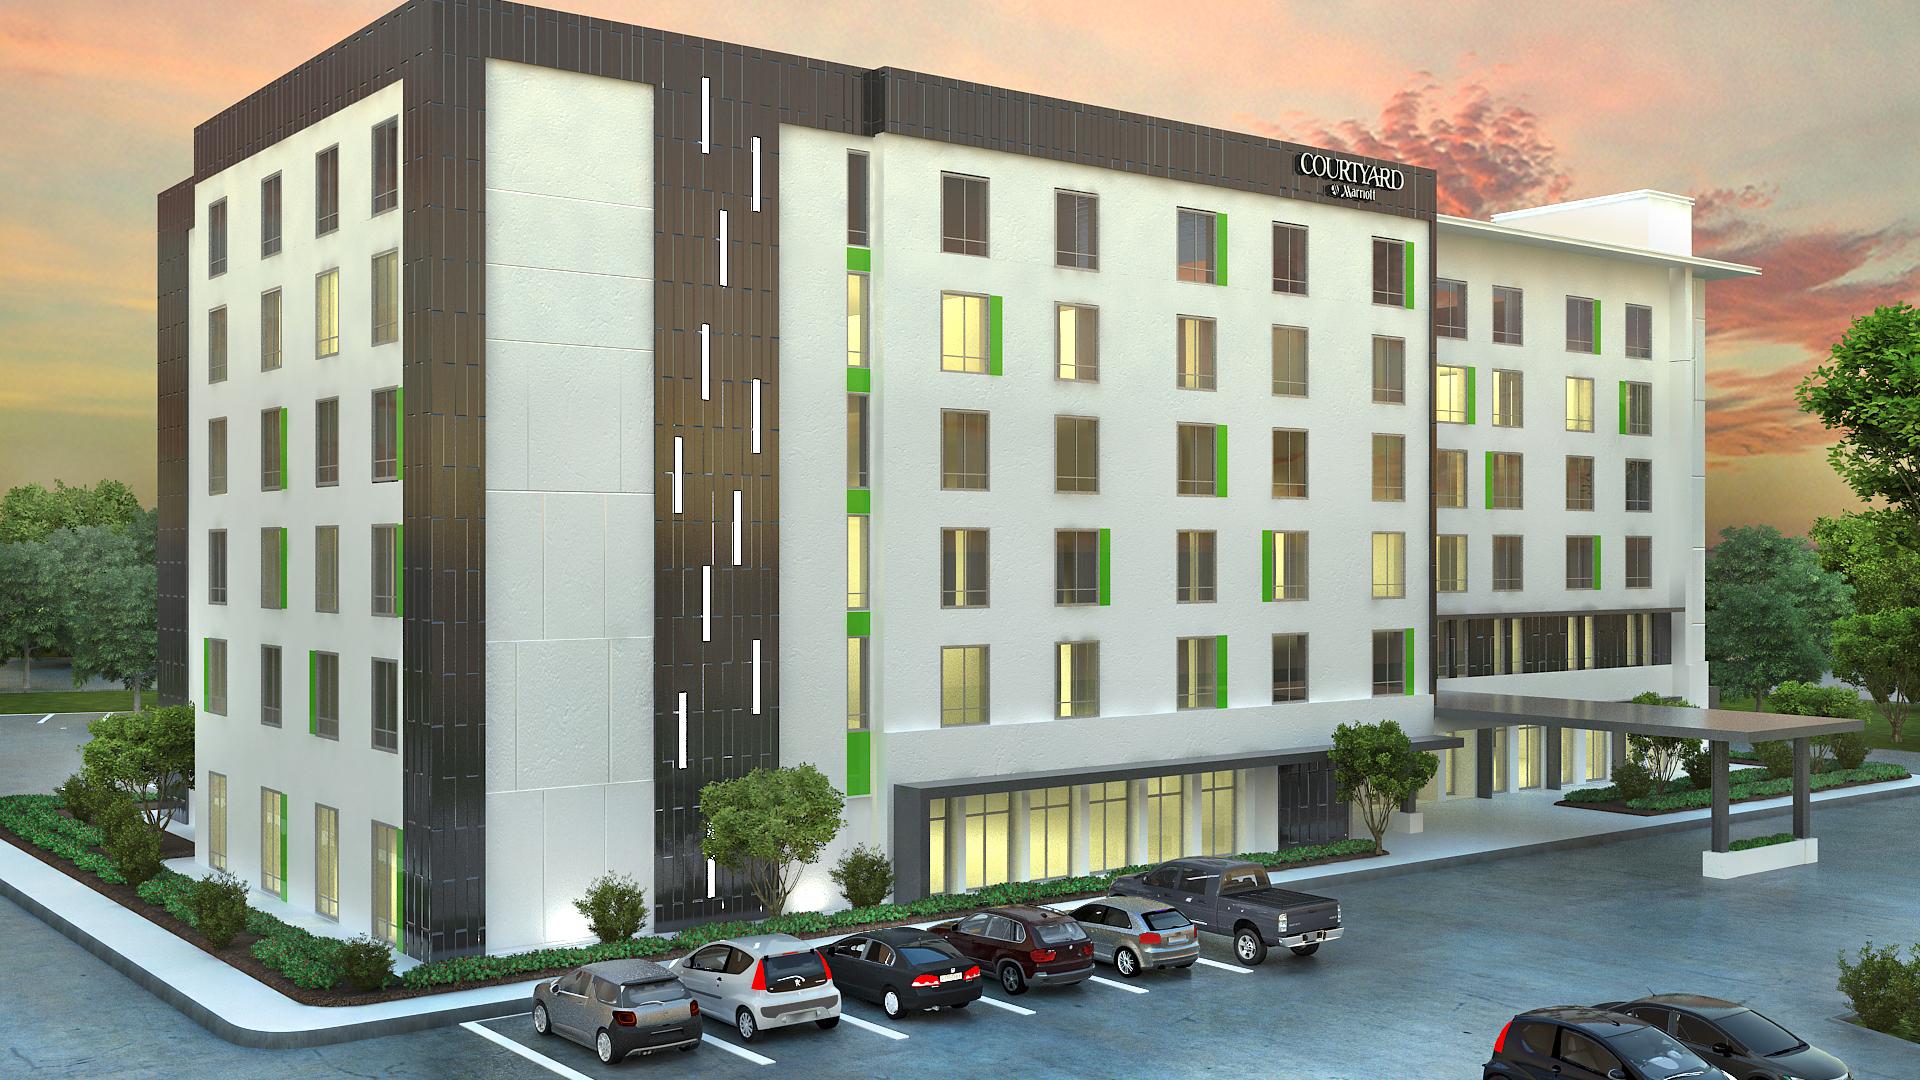 Courtyard_Hotel_camera1_FINAL_AAA.jpg